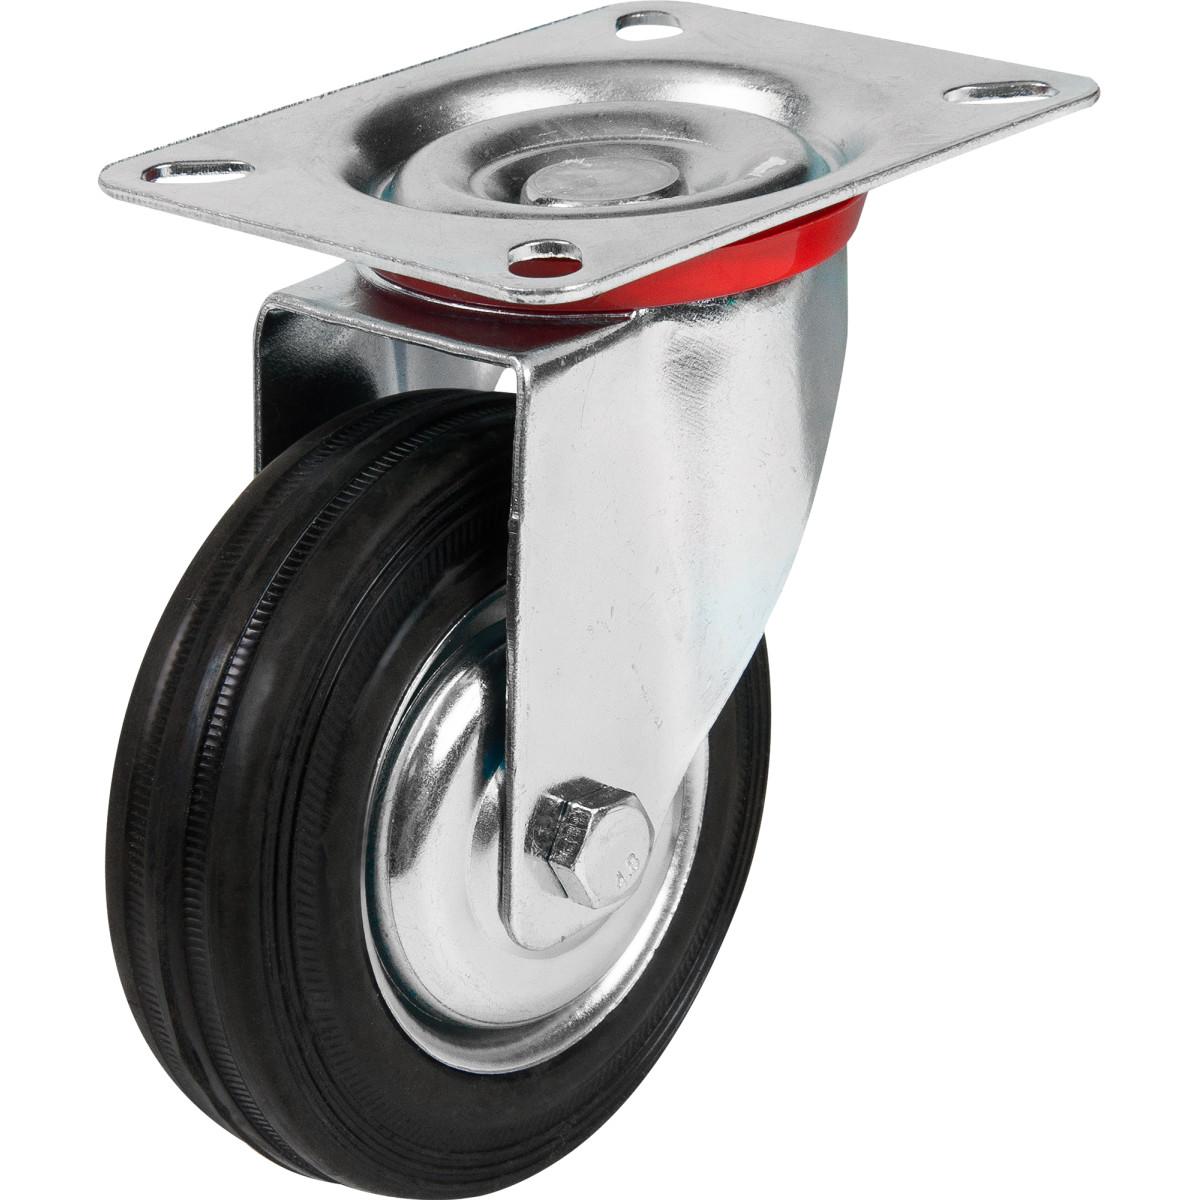 Колесо промышленное поворотное без тормоза 100 мм до 70 кг цвет цинк